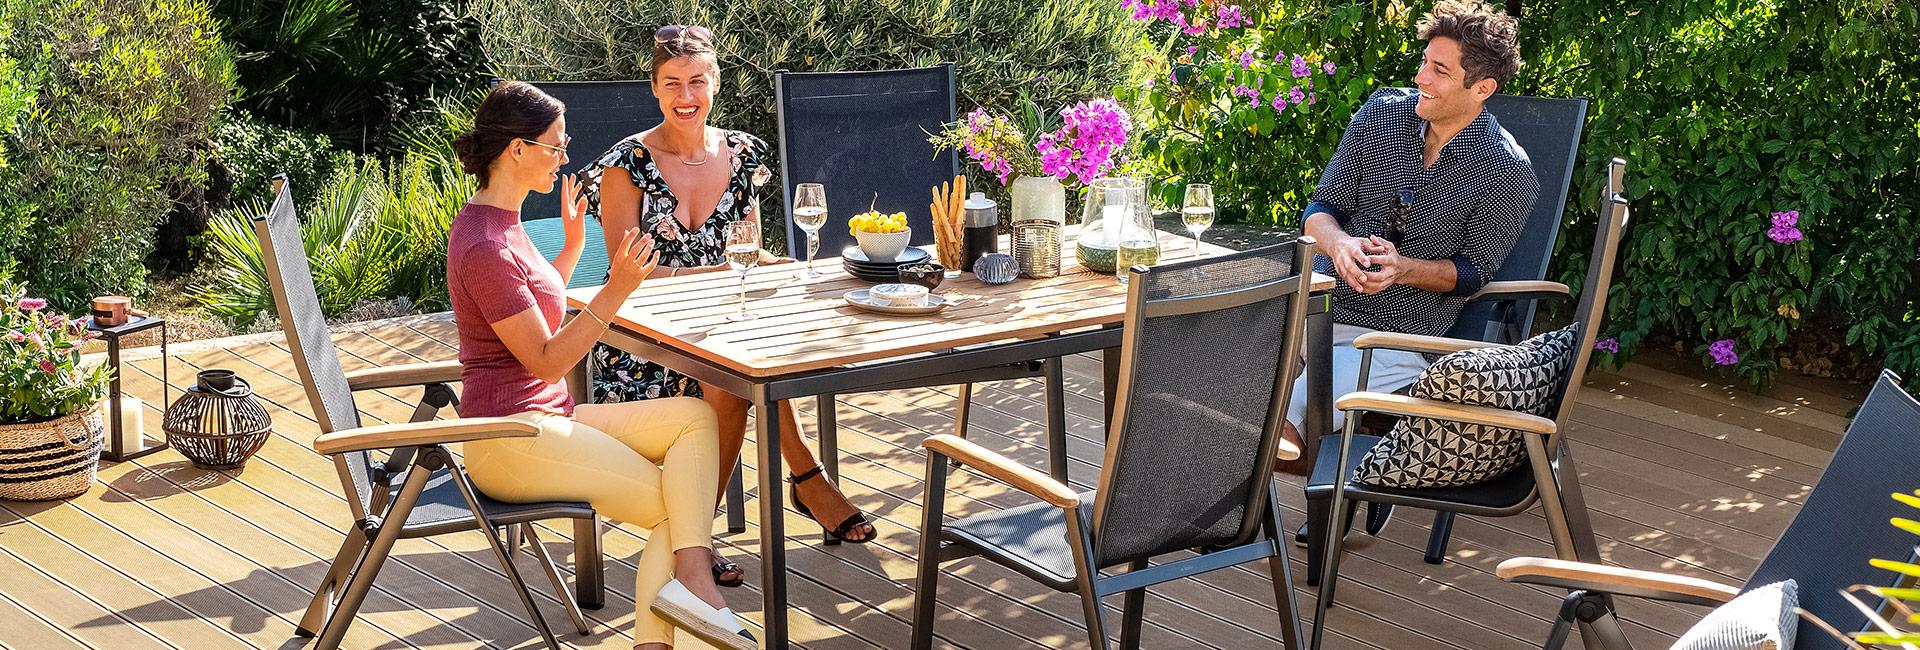 Gartenmobel Terrassenmobel Online Kaufen Hoffner